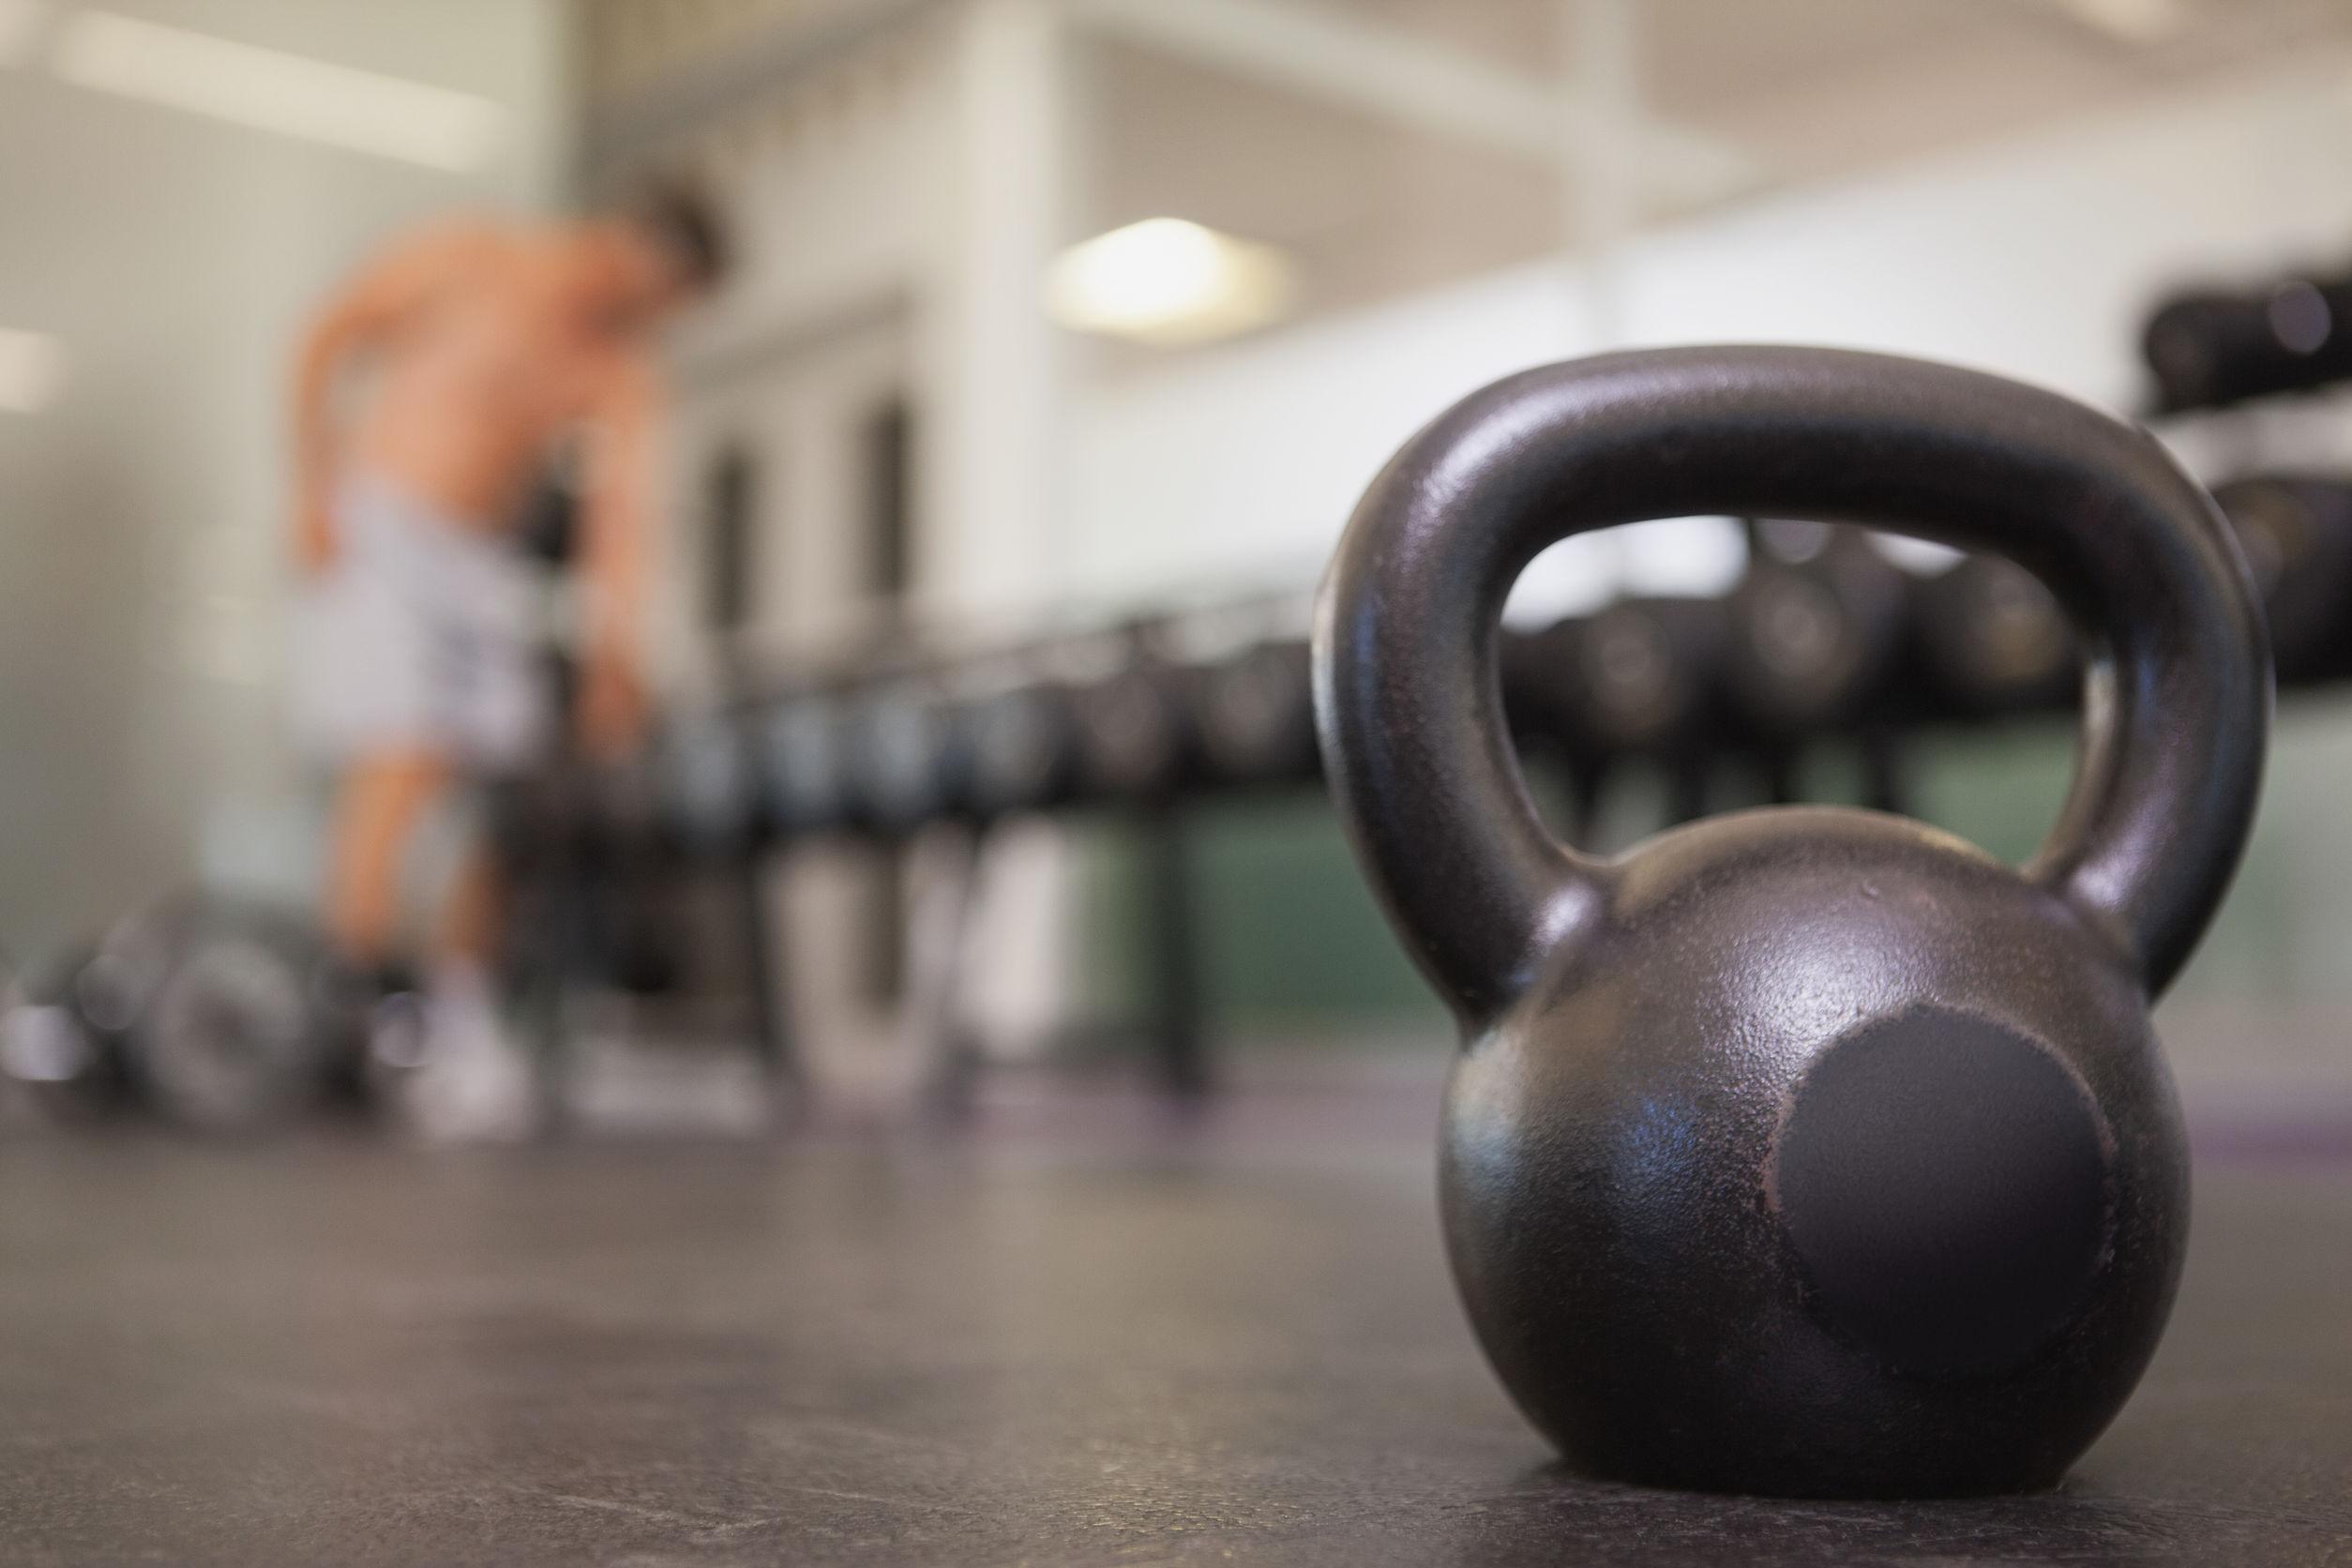 Imagem de um kettlebell no chão de uma academia com um homem desfocado ao fundo